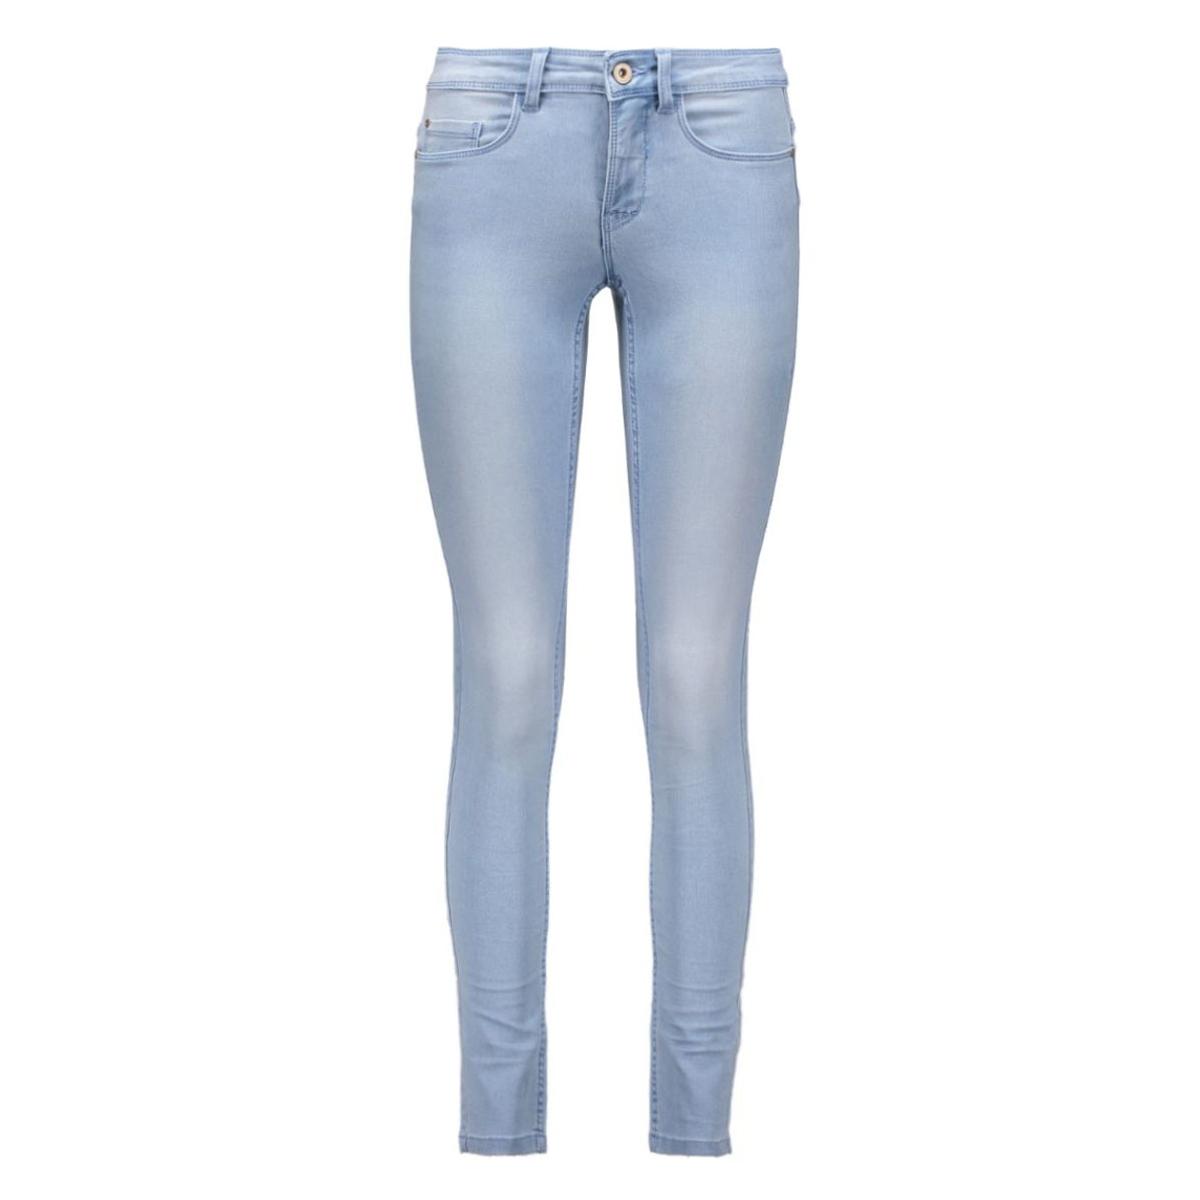 onlultimate soft reg skinny pim1001 15110543 only jeans lbd